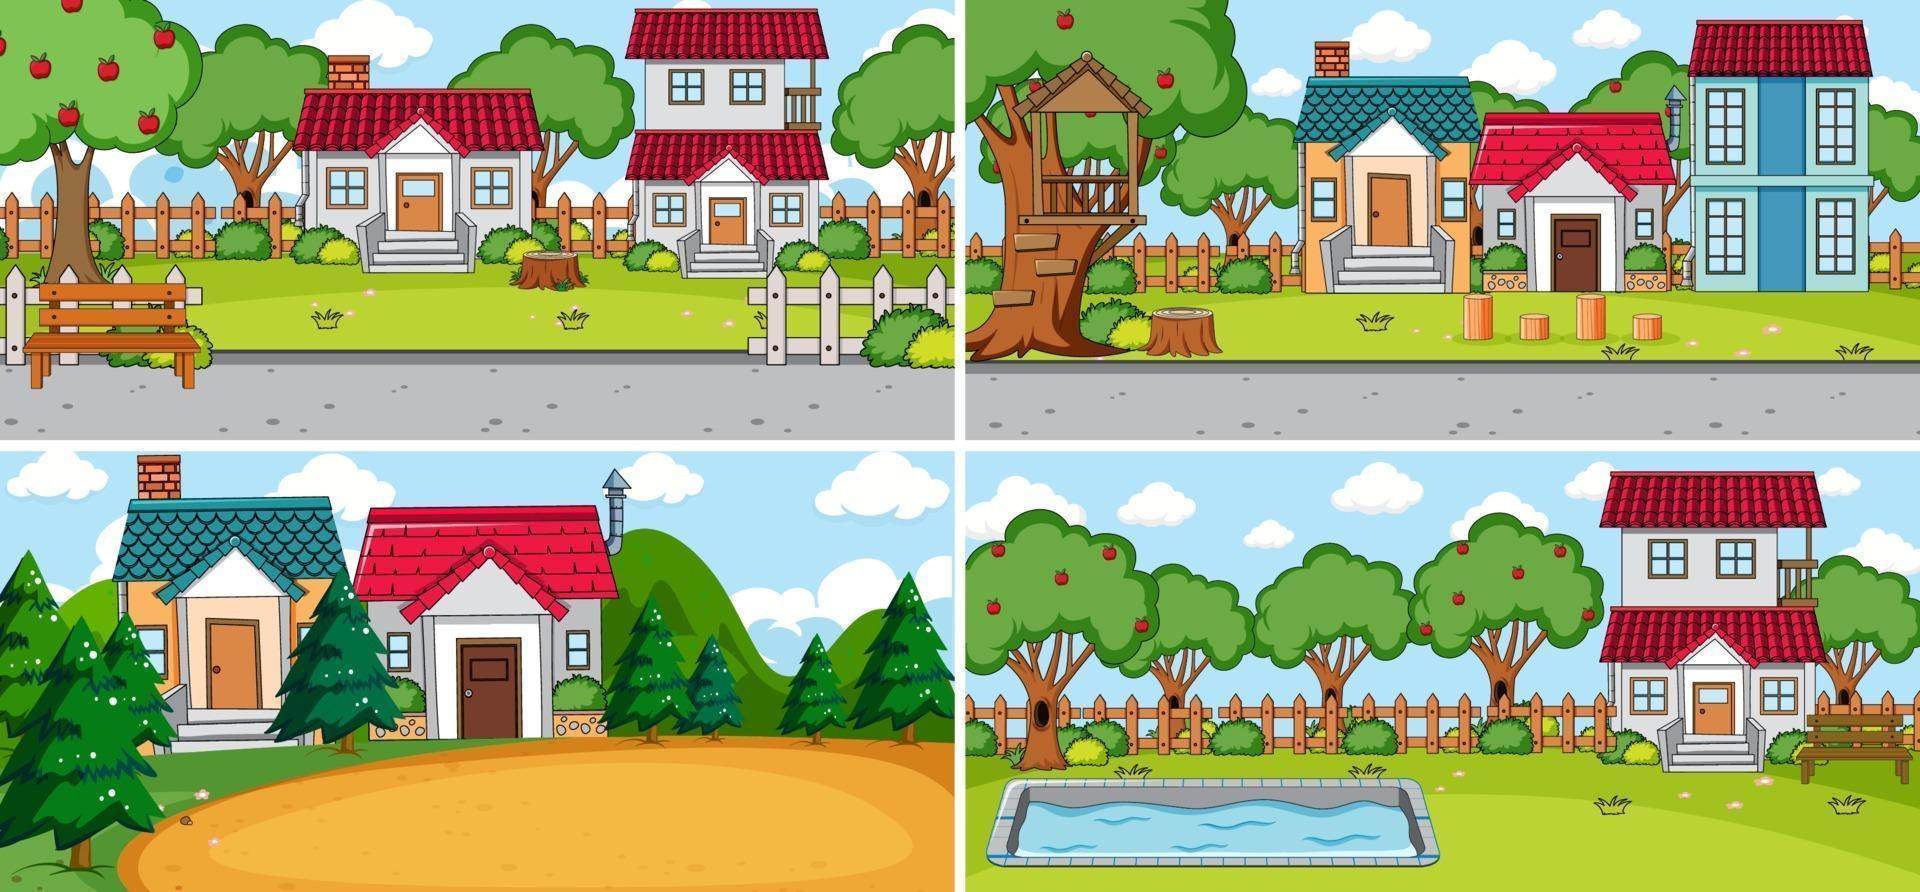 uppsättning av olika hus i natur scener tecknad stil vektor